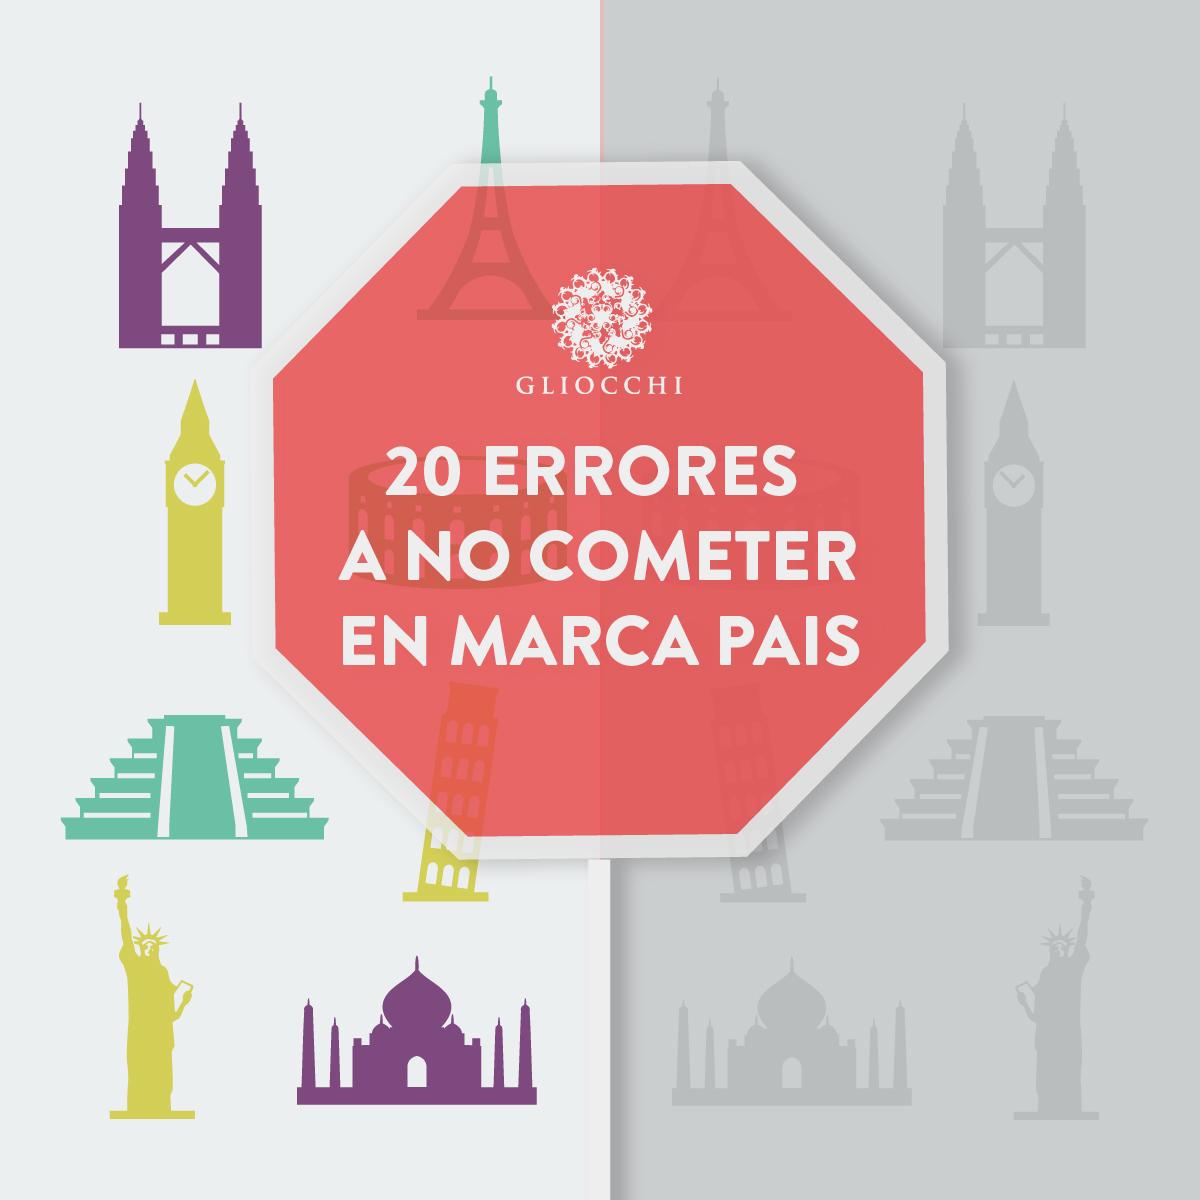 20 ERRORES A NO COMETER EN MARCA PAÍS